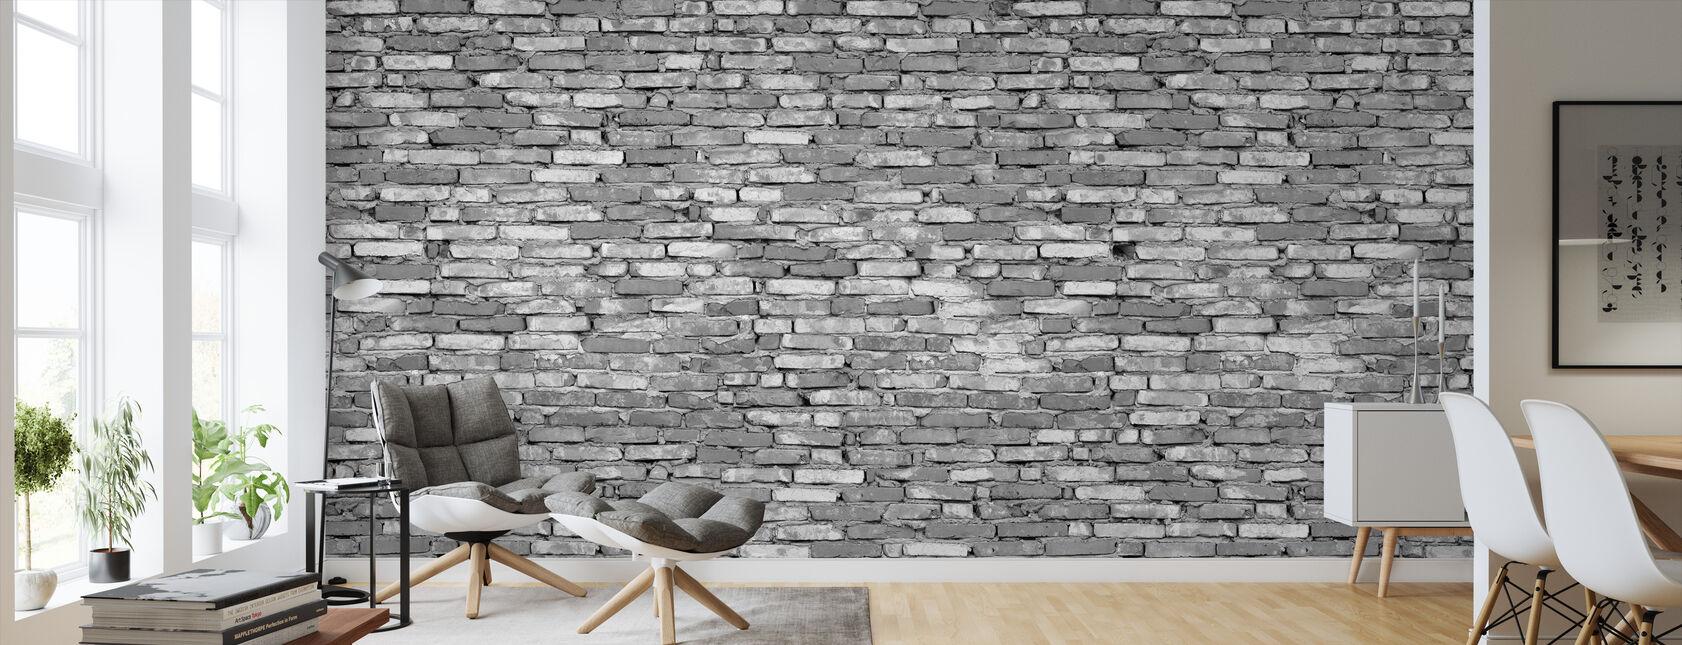 Stary mur z cegły - szary - Tapeta - Pokój dzienny